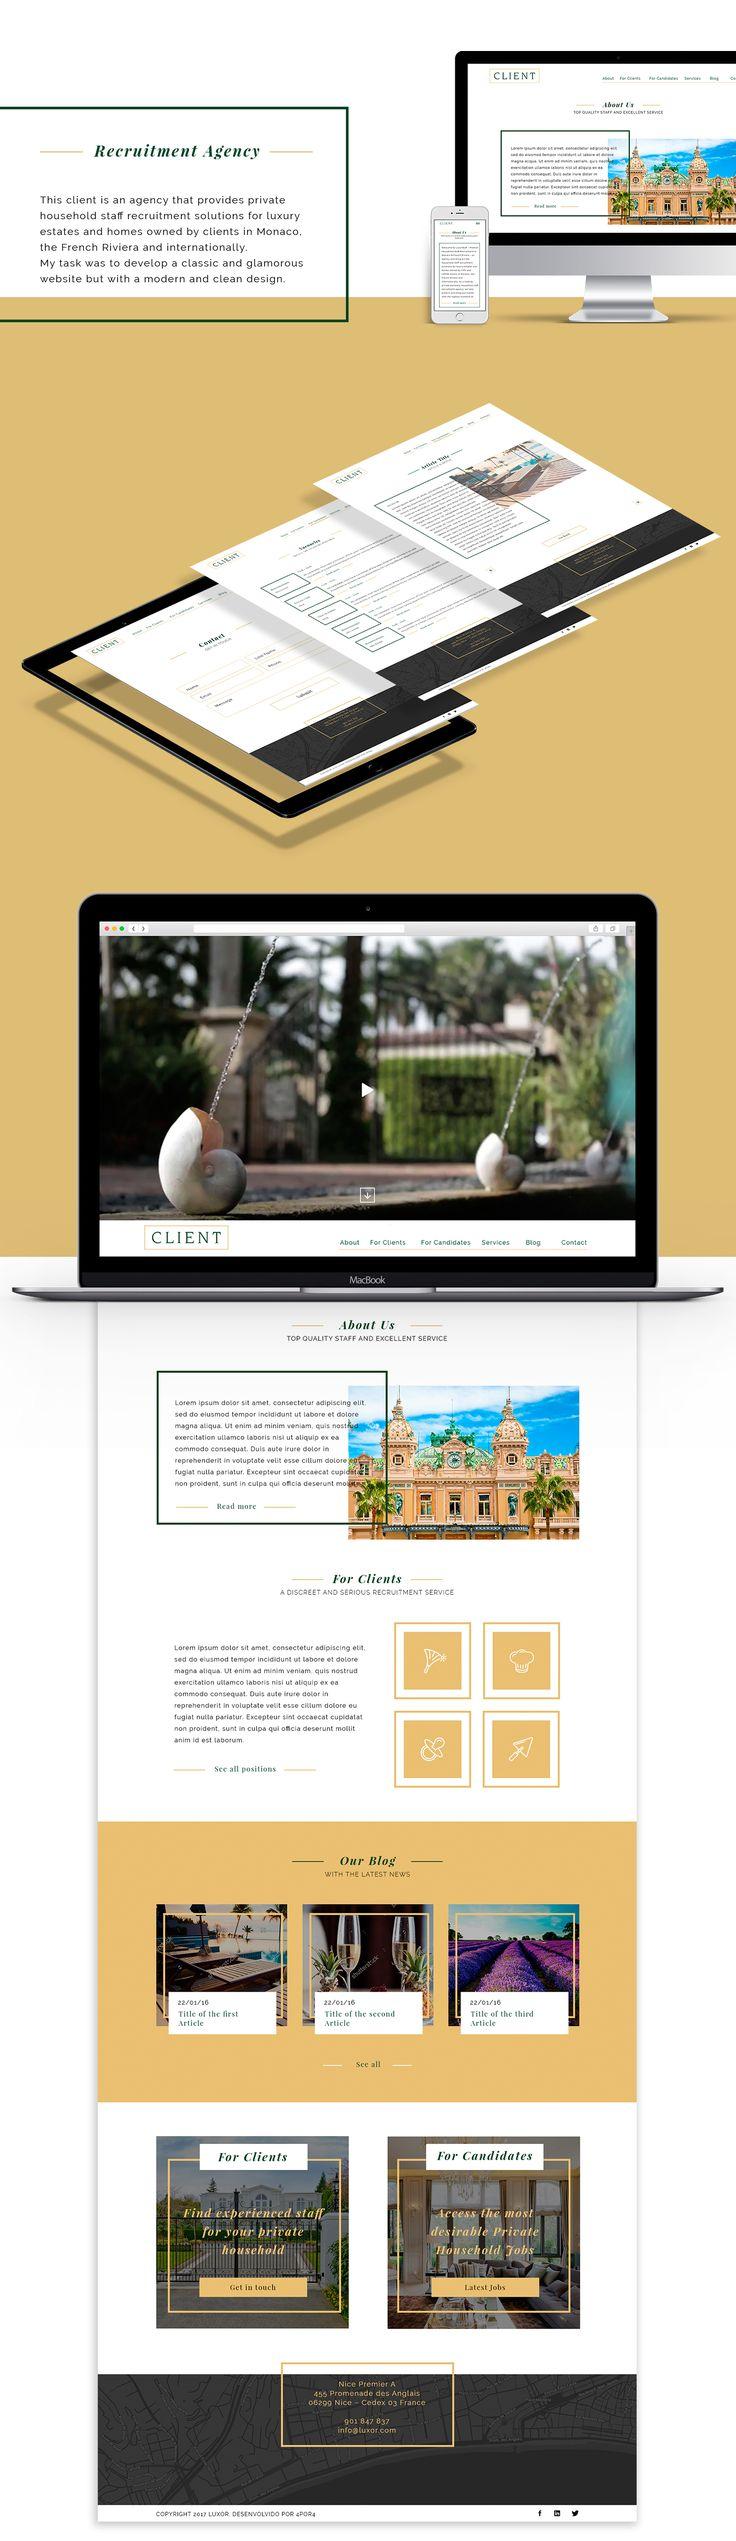 Recruitment Agency Website on Behance